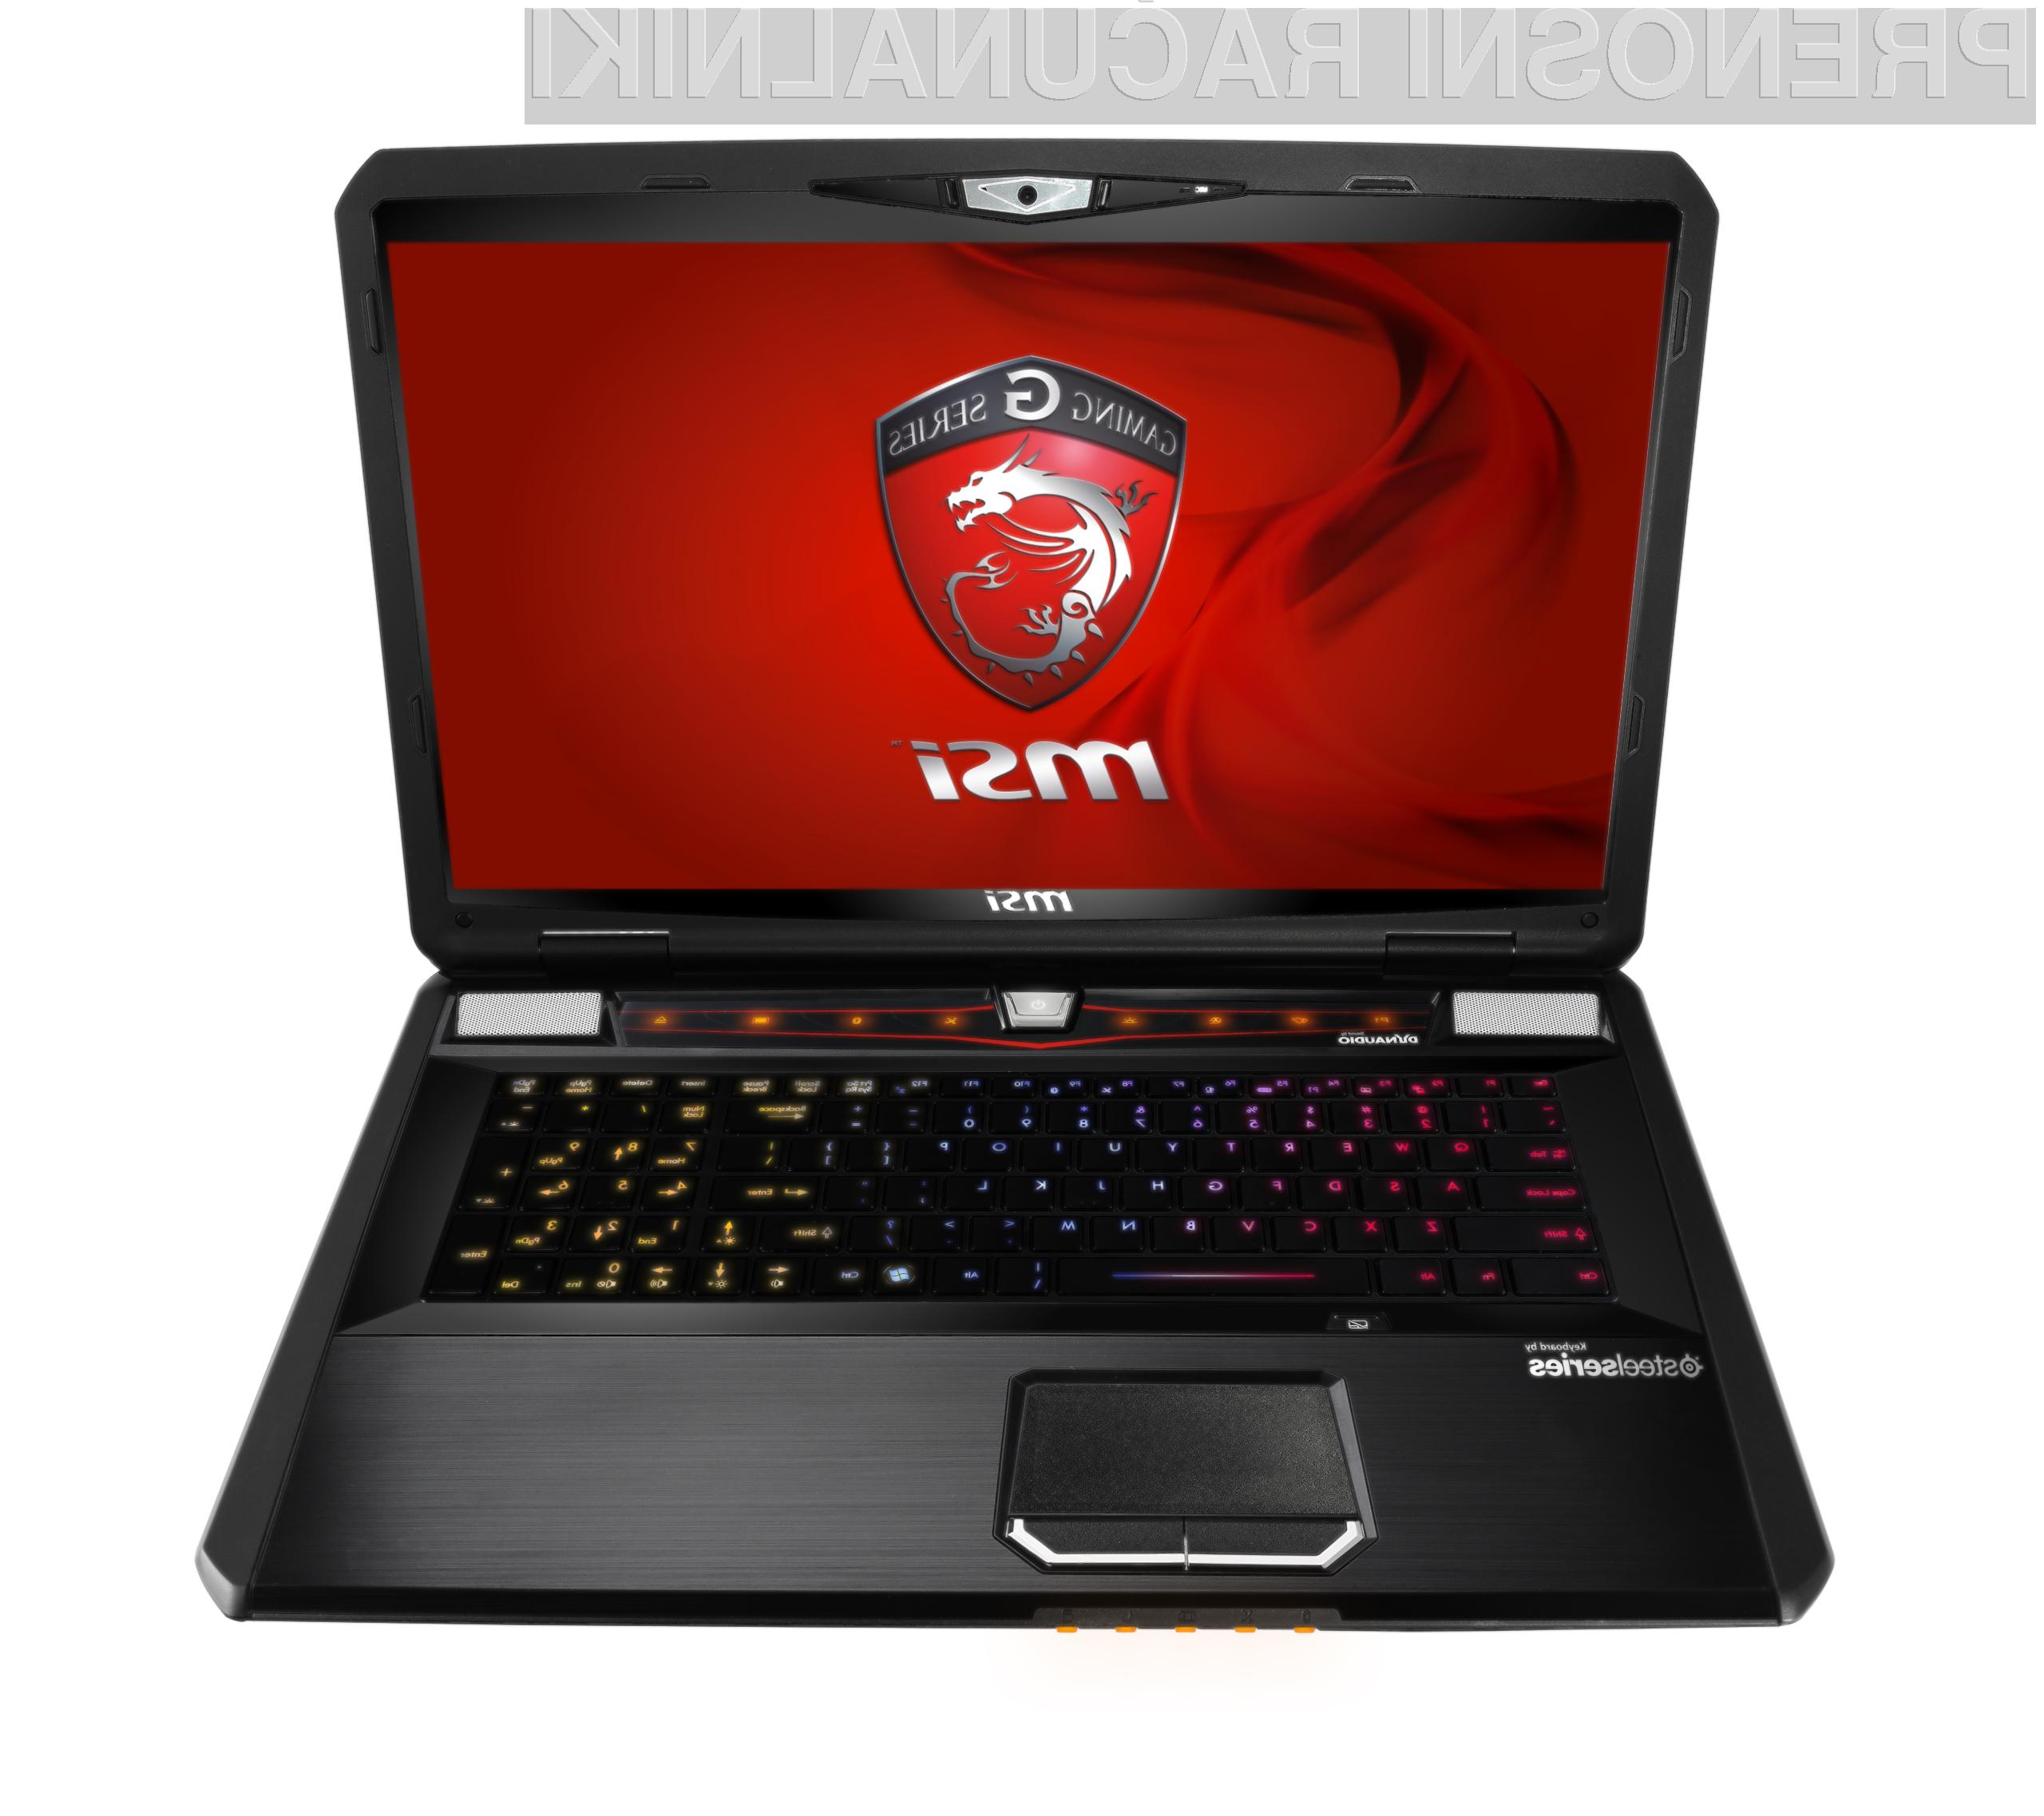 Intelov procesor Core i7-3610QM in Nvidija grafična kartica GeForce 670M bosta poskrbela za nepozabno izkušnjo.